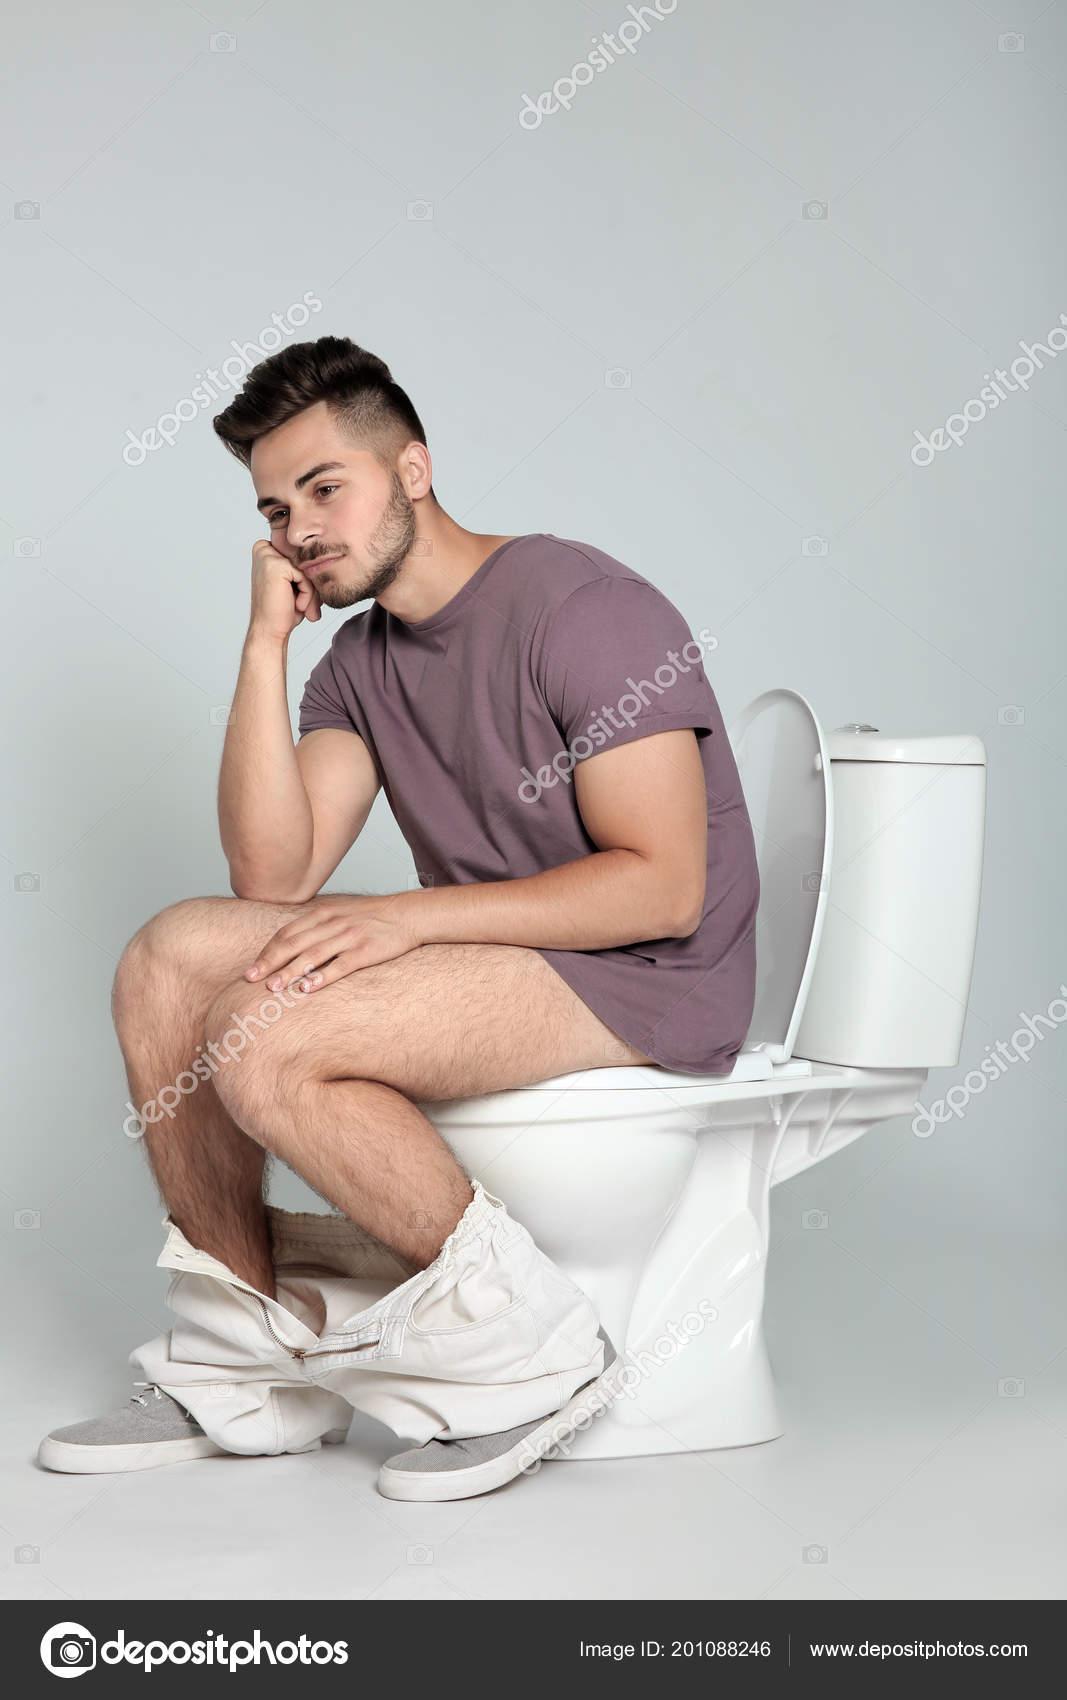 фото человек на унитазе